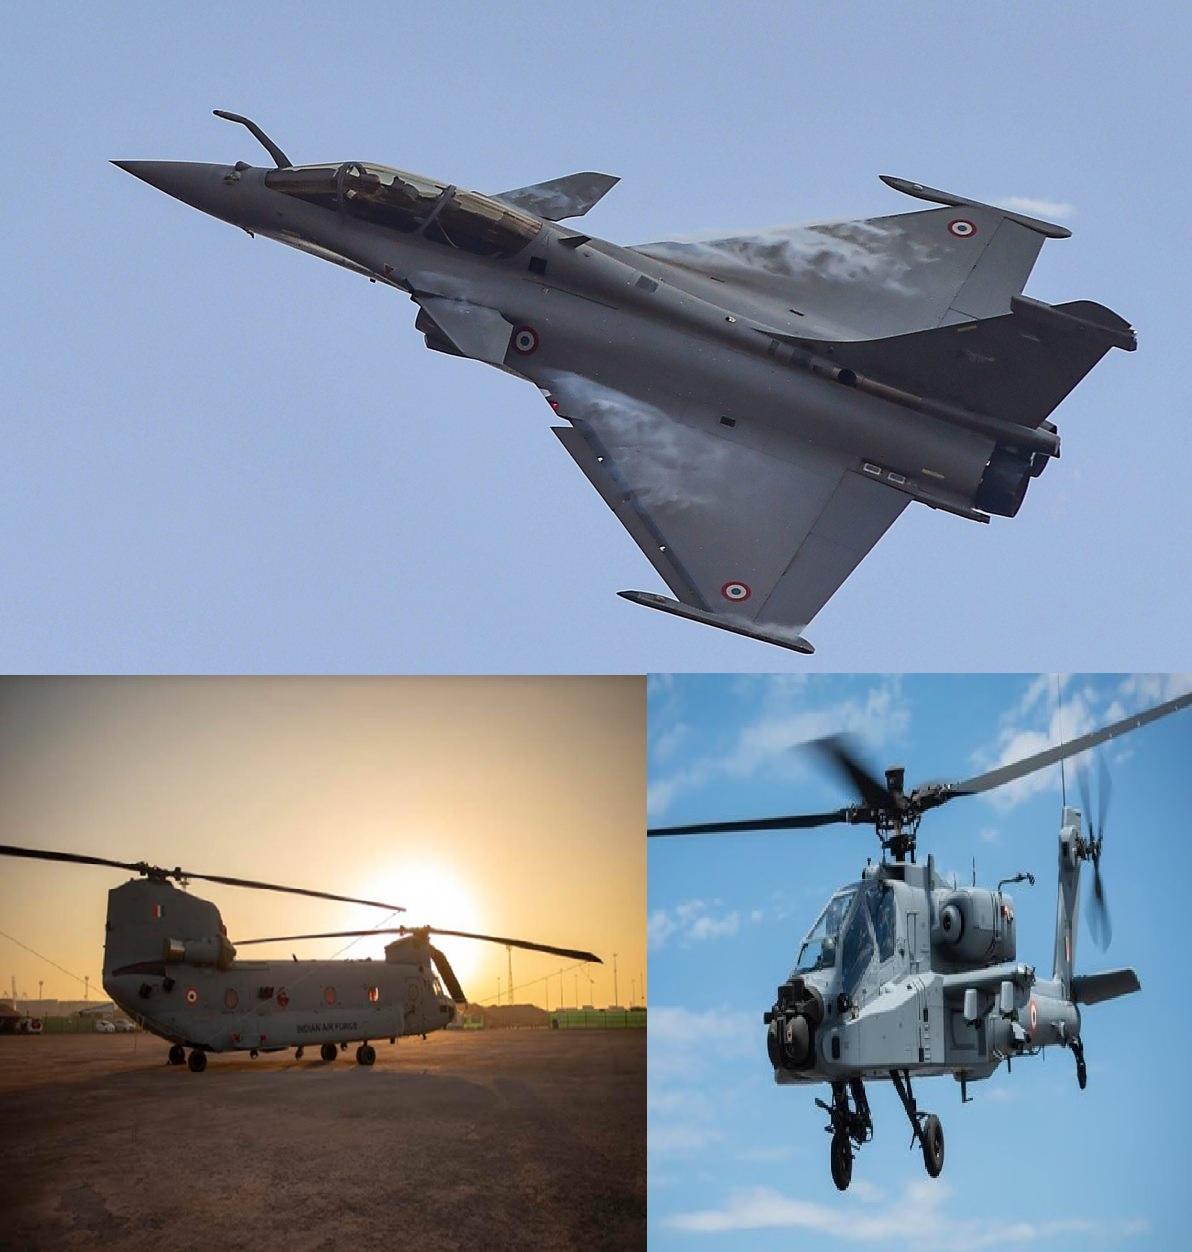 गणतंत्र दिवस परेड के लिए तैयार वायुसेना,राफेल, चिनूक और अपाचे दिखाएंगे दम